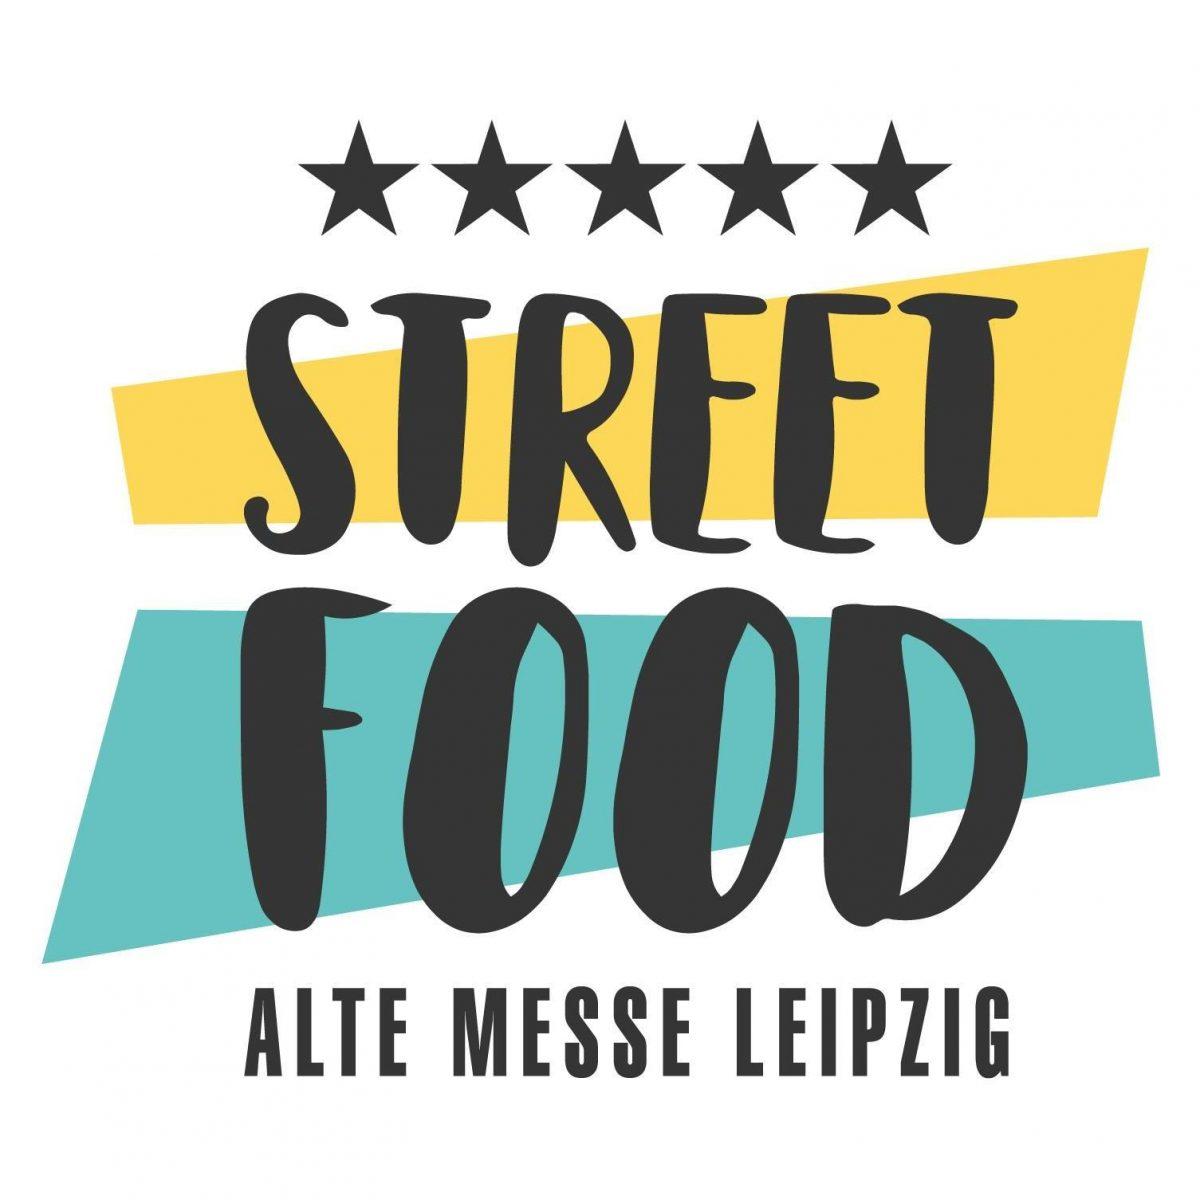 Street Food Alte Messe Leipzig